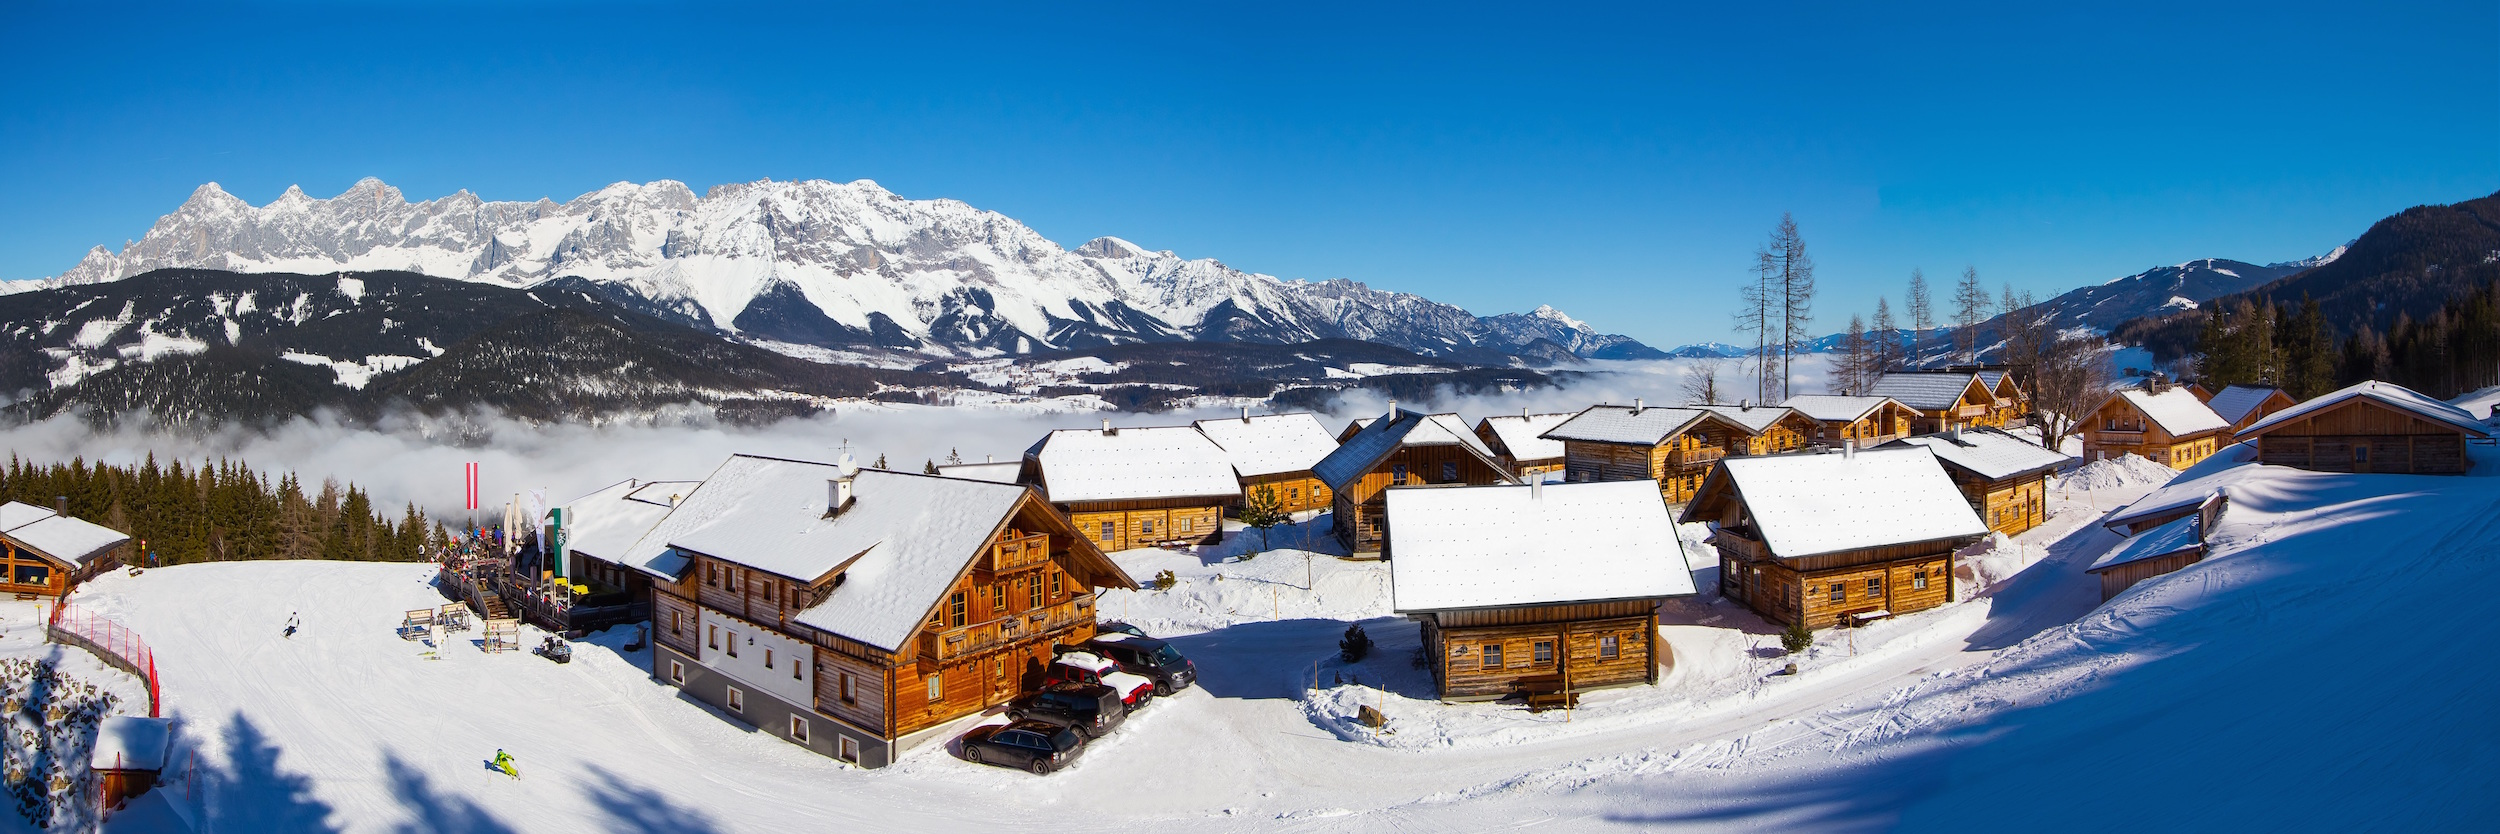 Almwelt Austria im Winter - ideal für den Almdorf-Urlaub mit Kindern